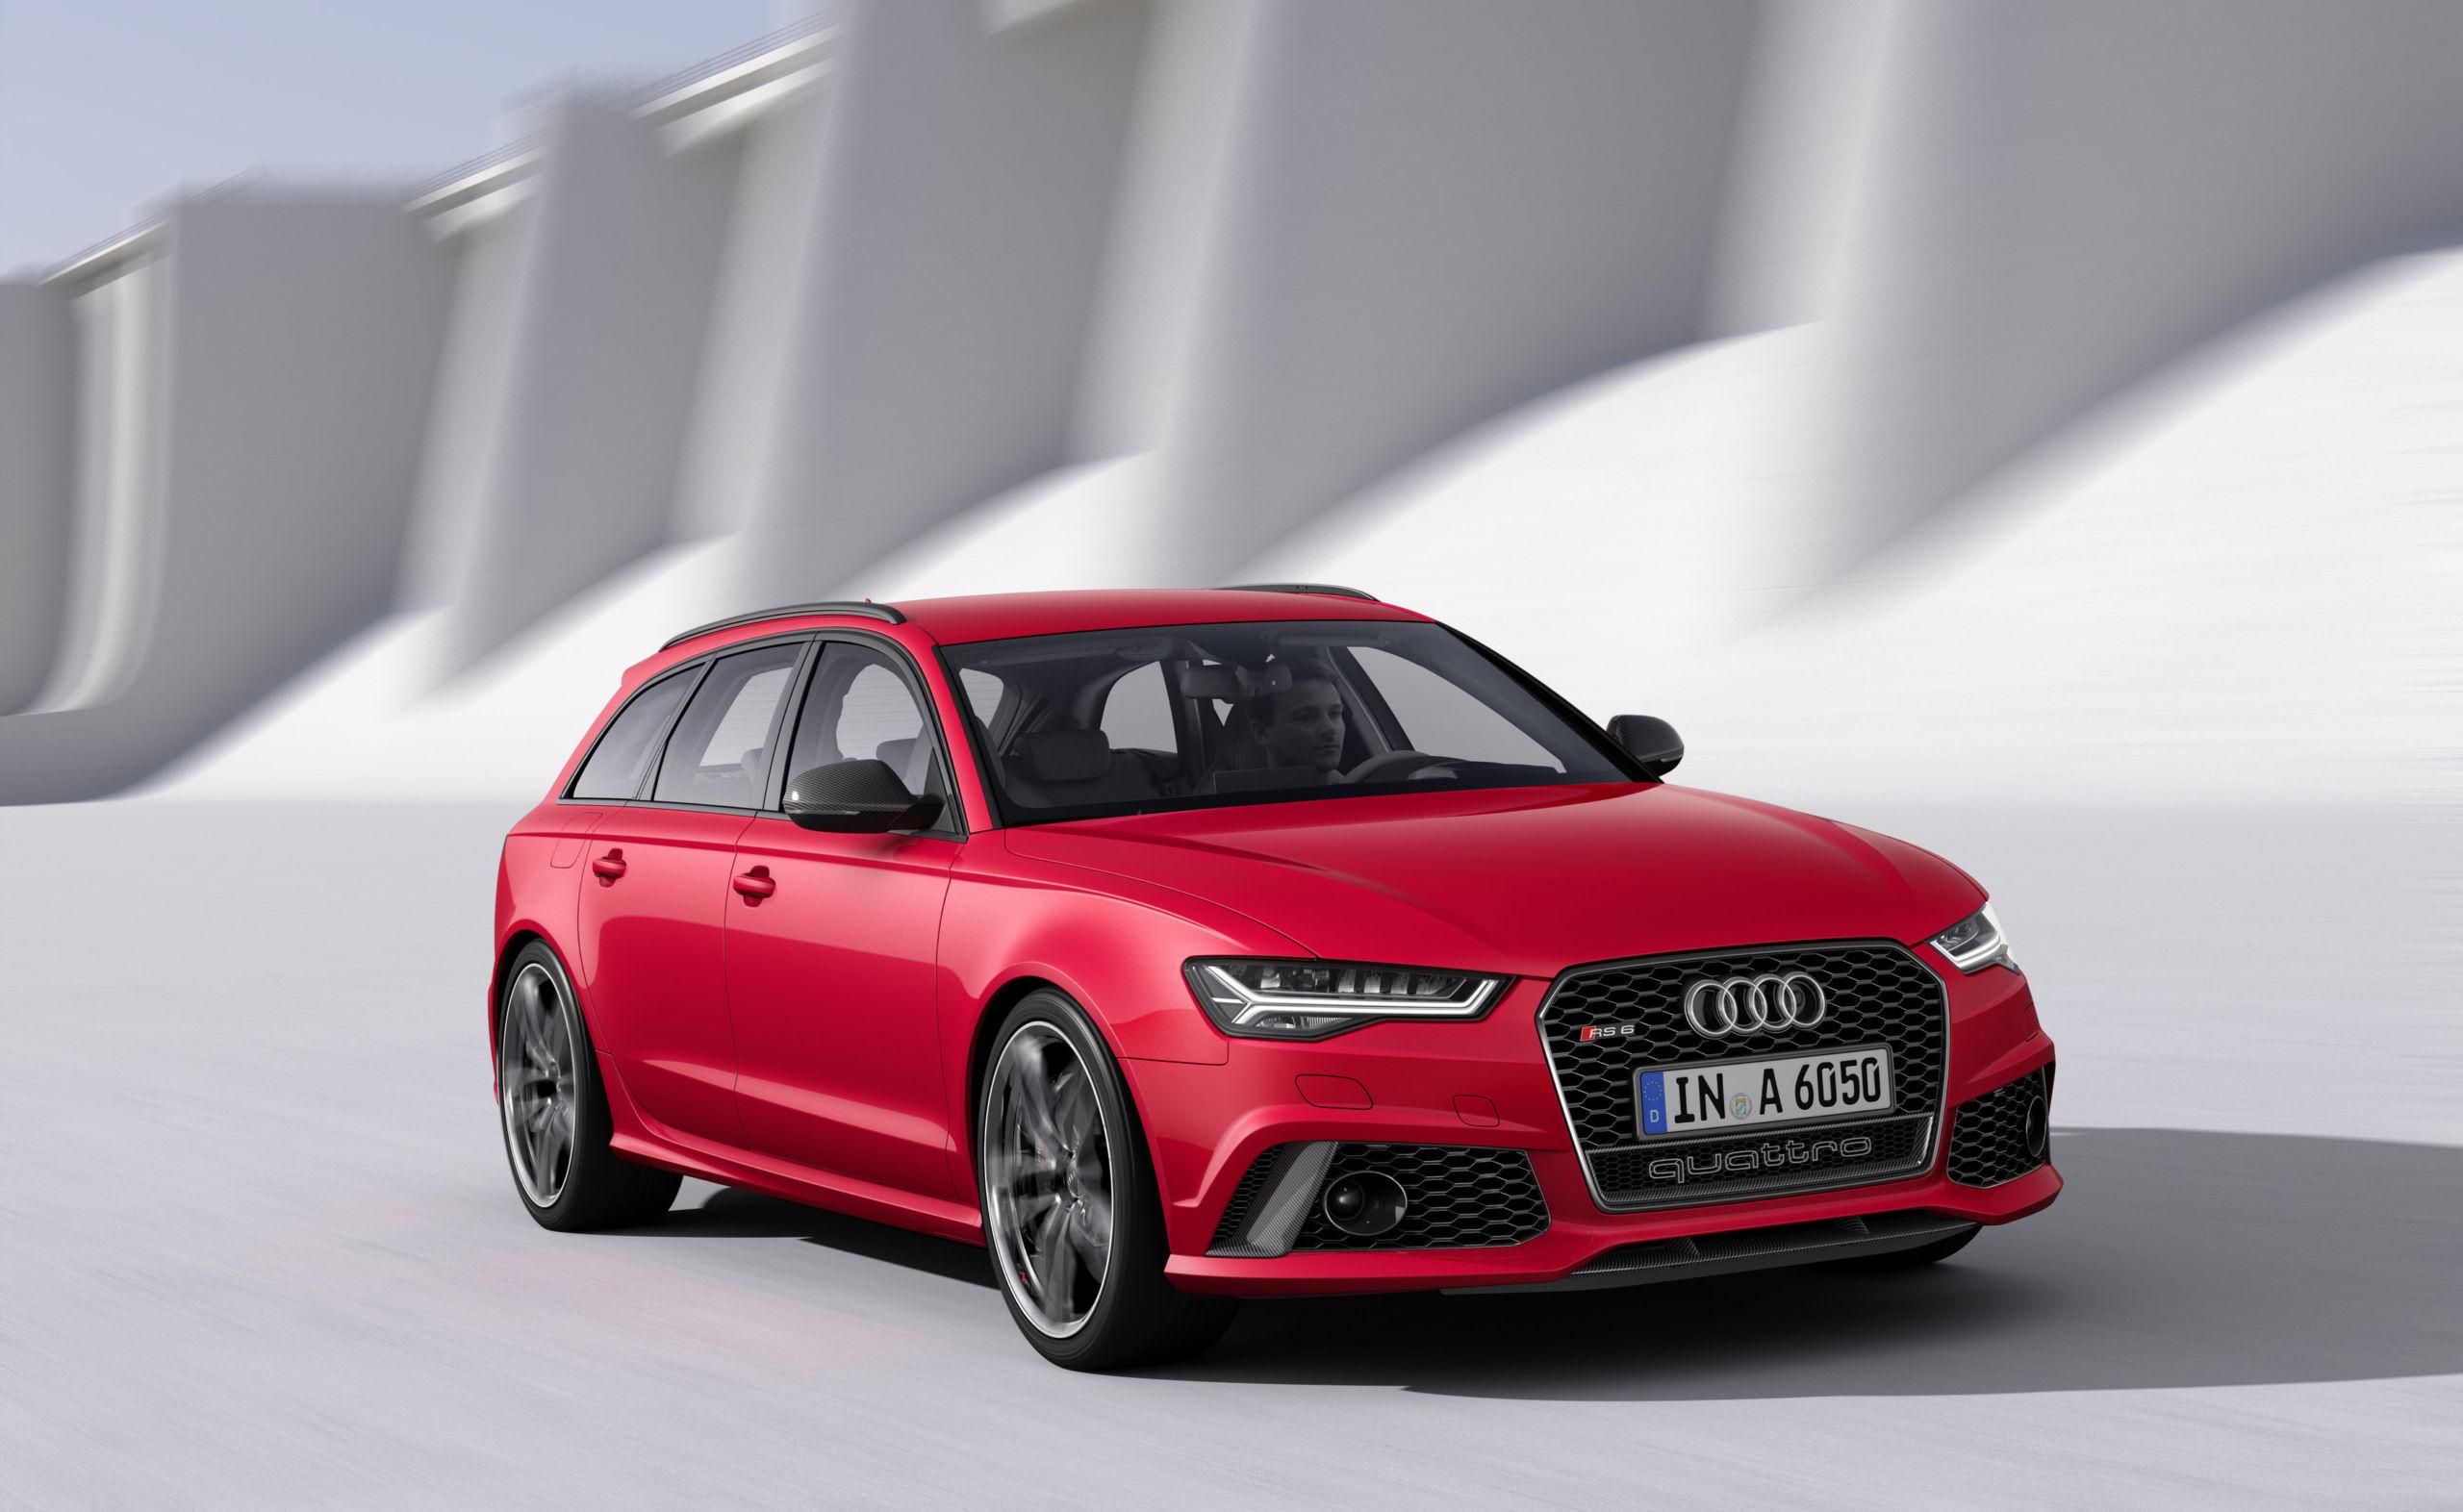 Conversamos com a Audi e o vendedor responsável pelo orçamento que impressionou a internet com o preço do conjunto de freios do Audi RS6 Avant.